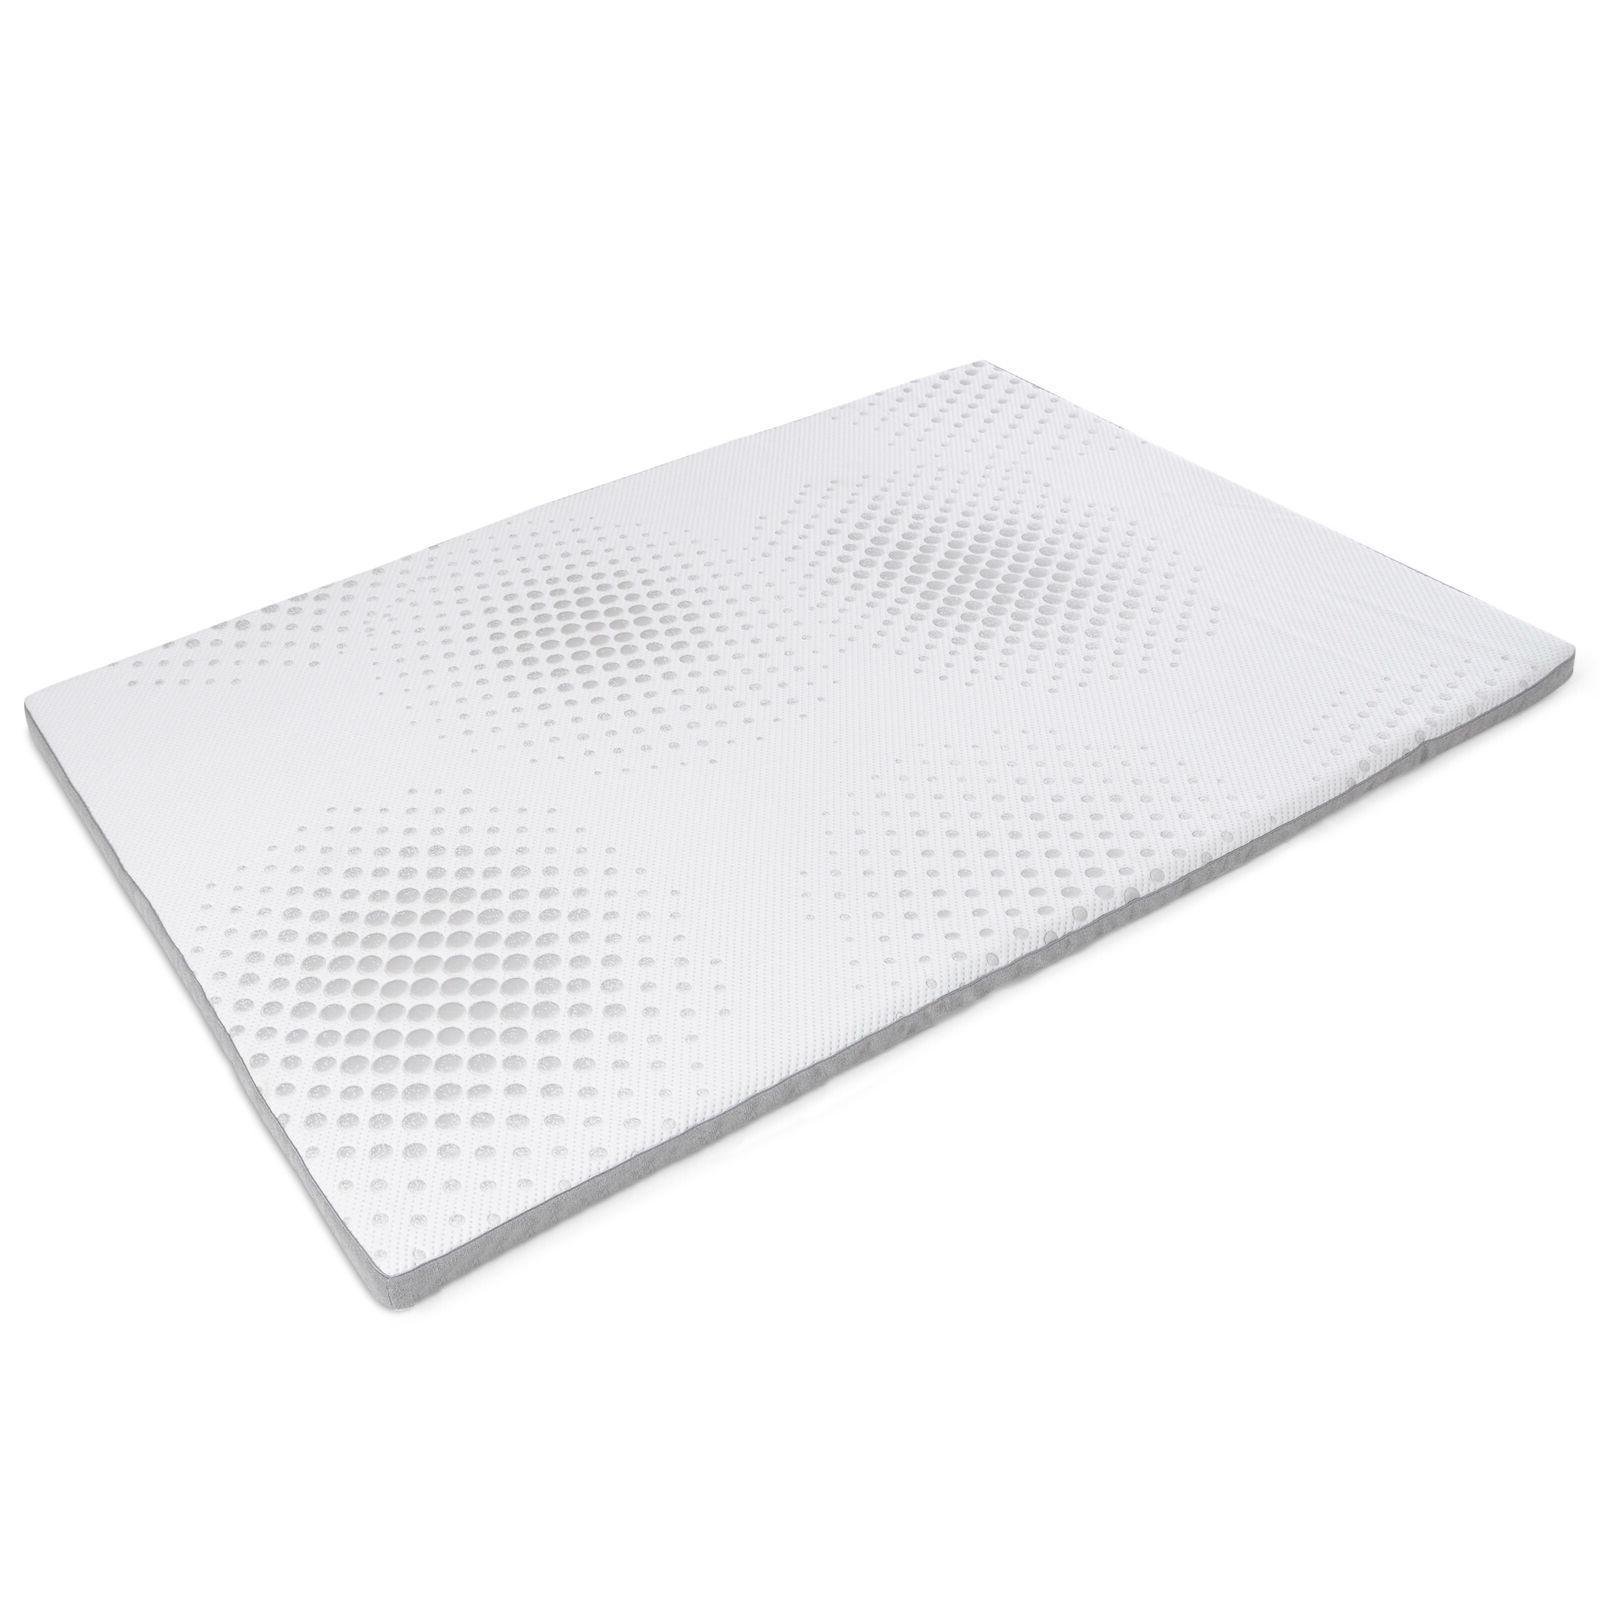 2 inch gel memory foam mattress topper